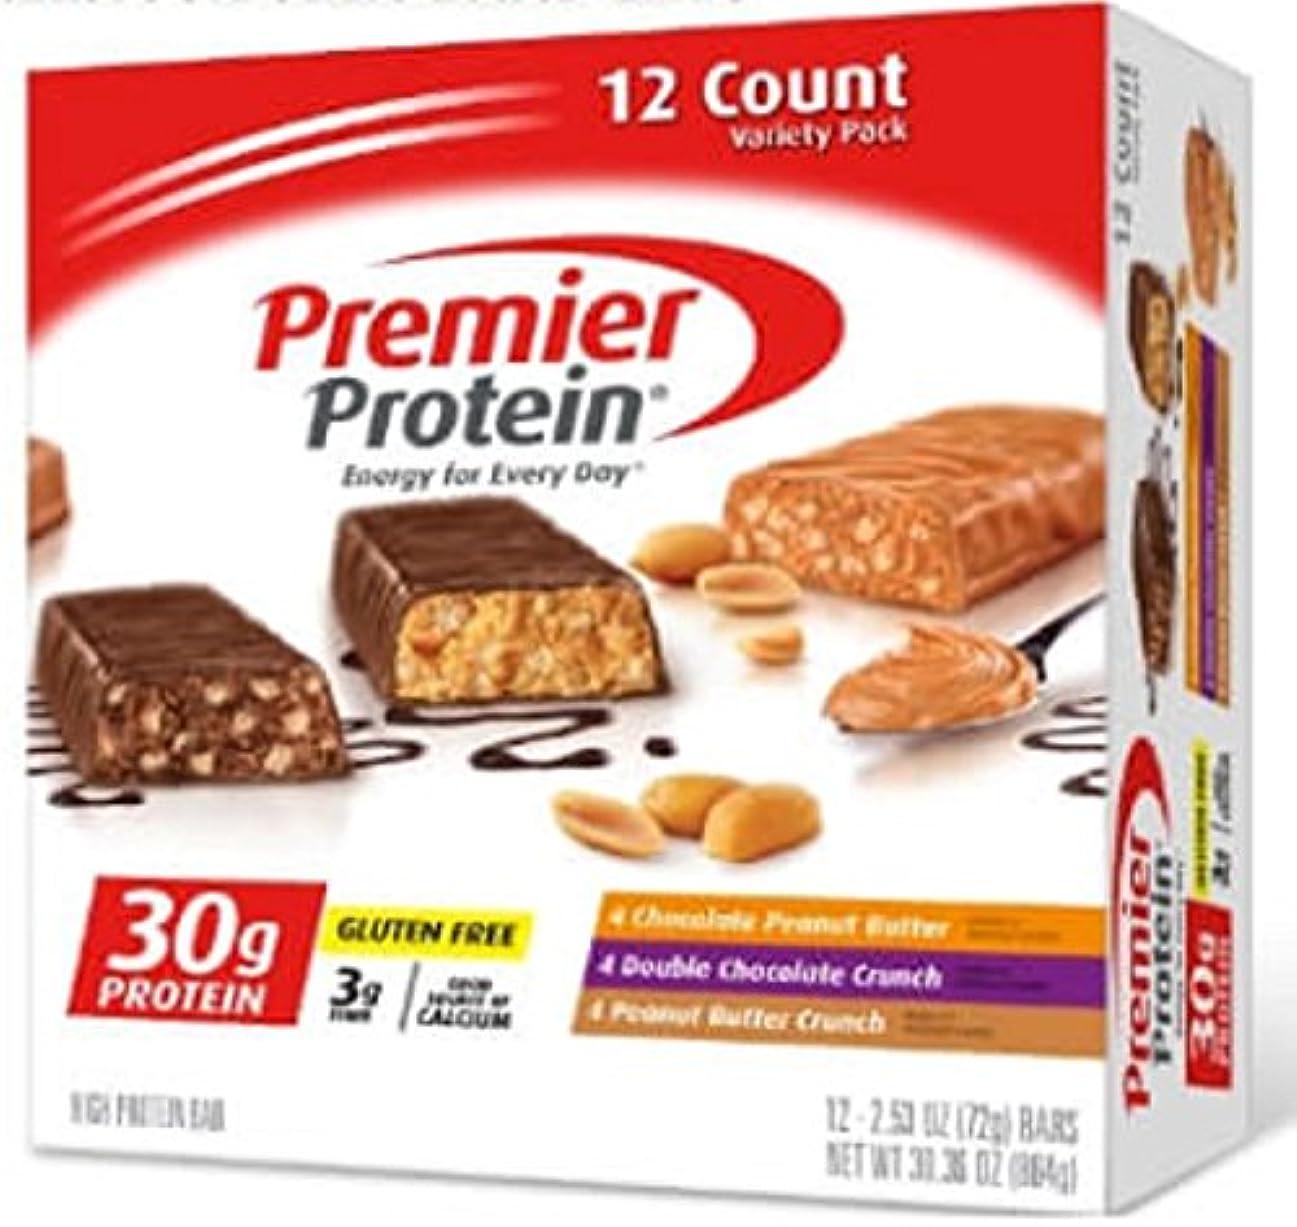 逃げる主張ブランド名【2箱セット】Premier Protein プレミア プロテイン プロテインバー バラエティパック(72g x 12本入り x 2箱)